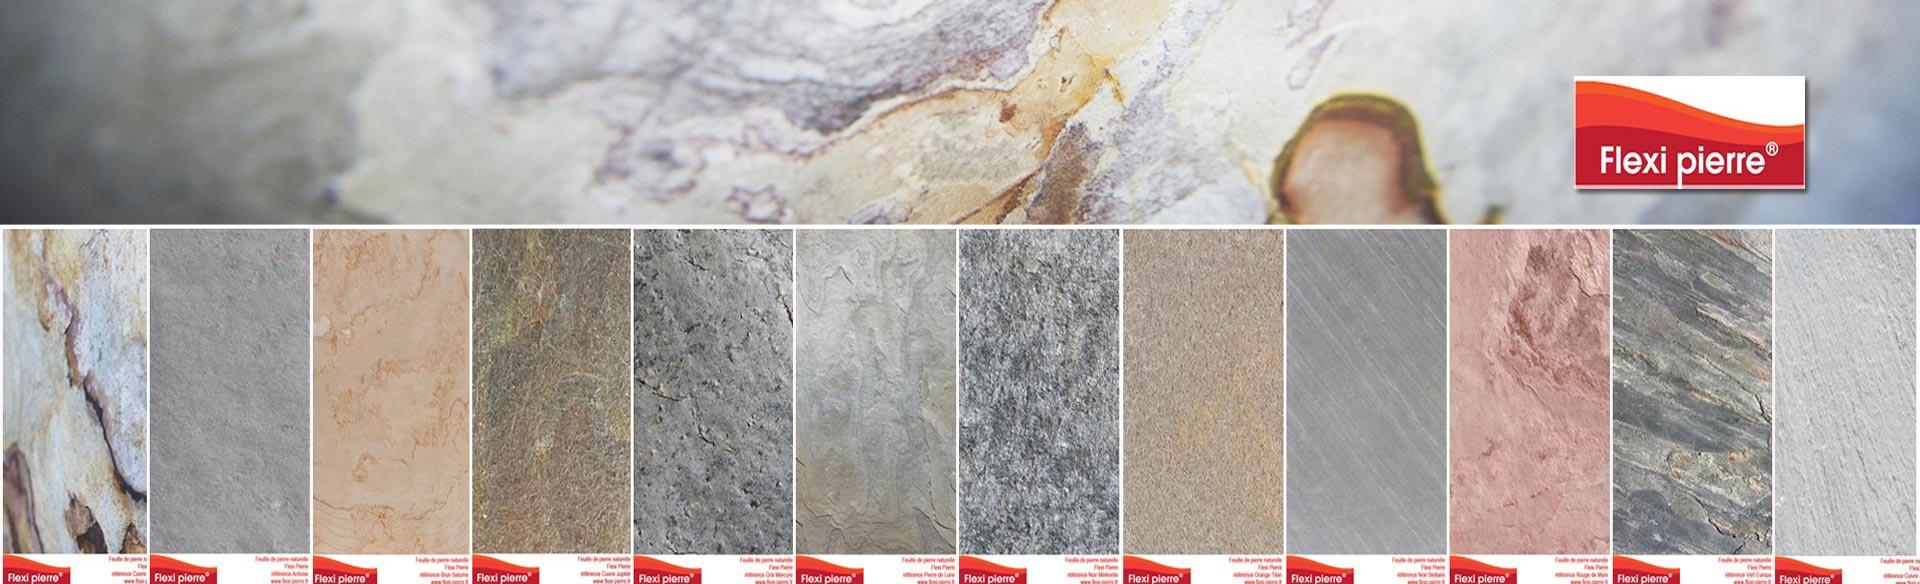 gamme des feuilles de pierre Flexi Pierre